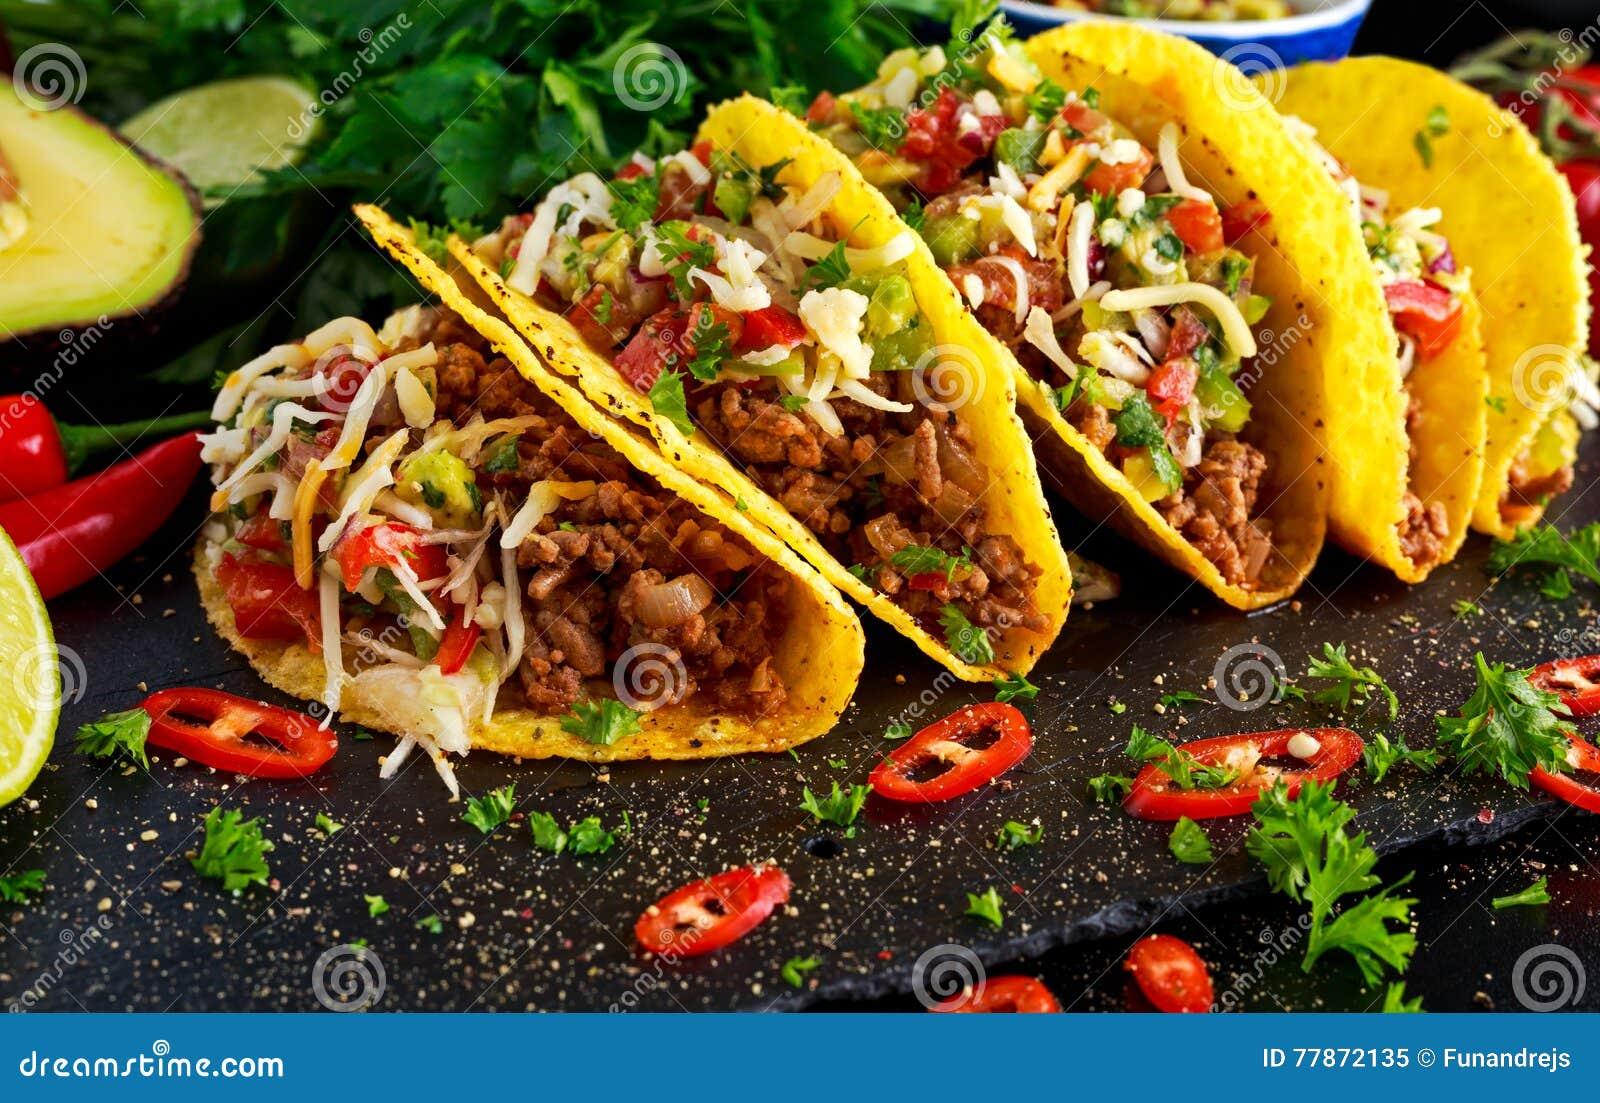 Comida mexicana - las cáscaras deliciosas del taco con la carne picada y el hogar hicieron la salsa